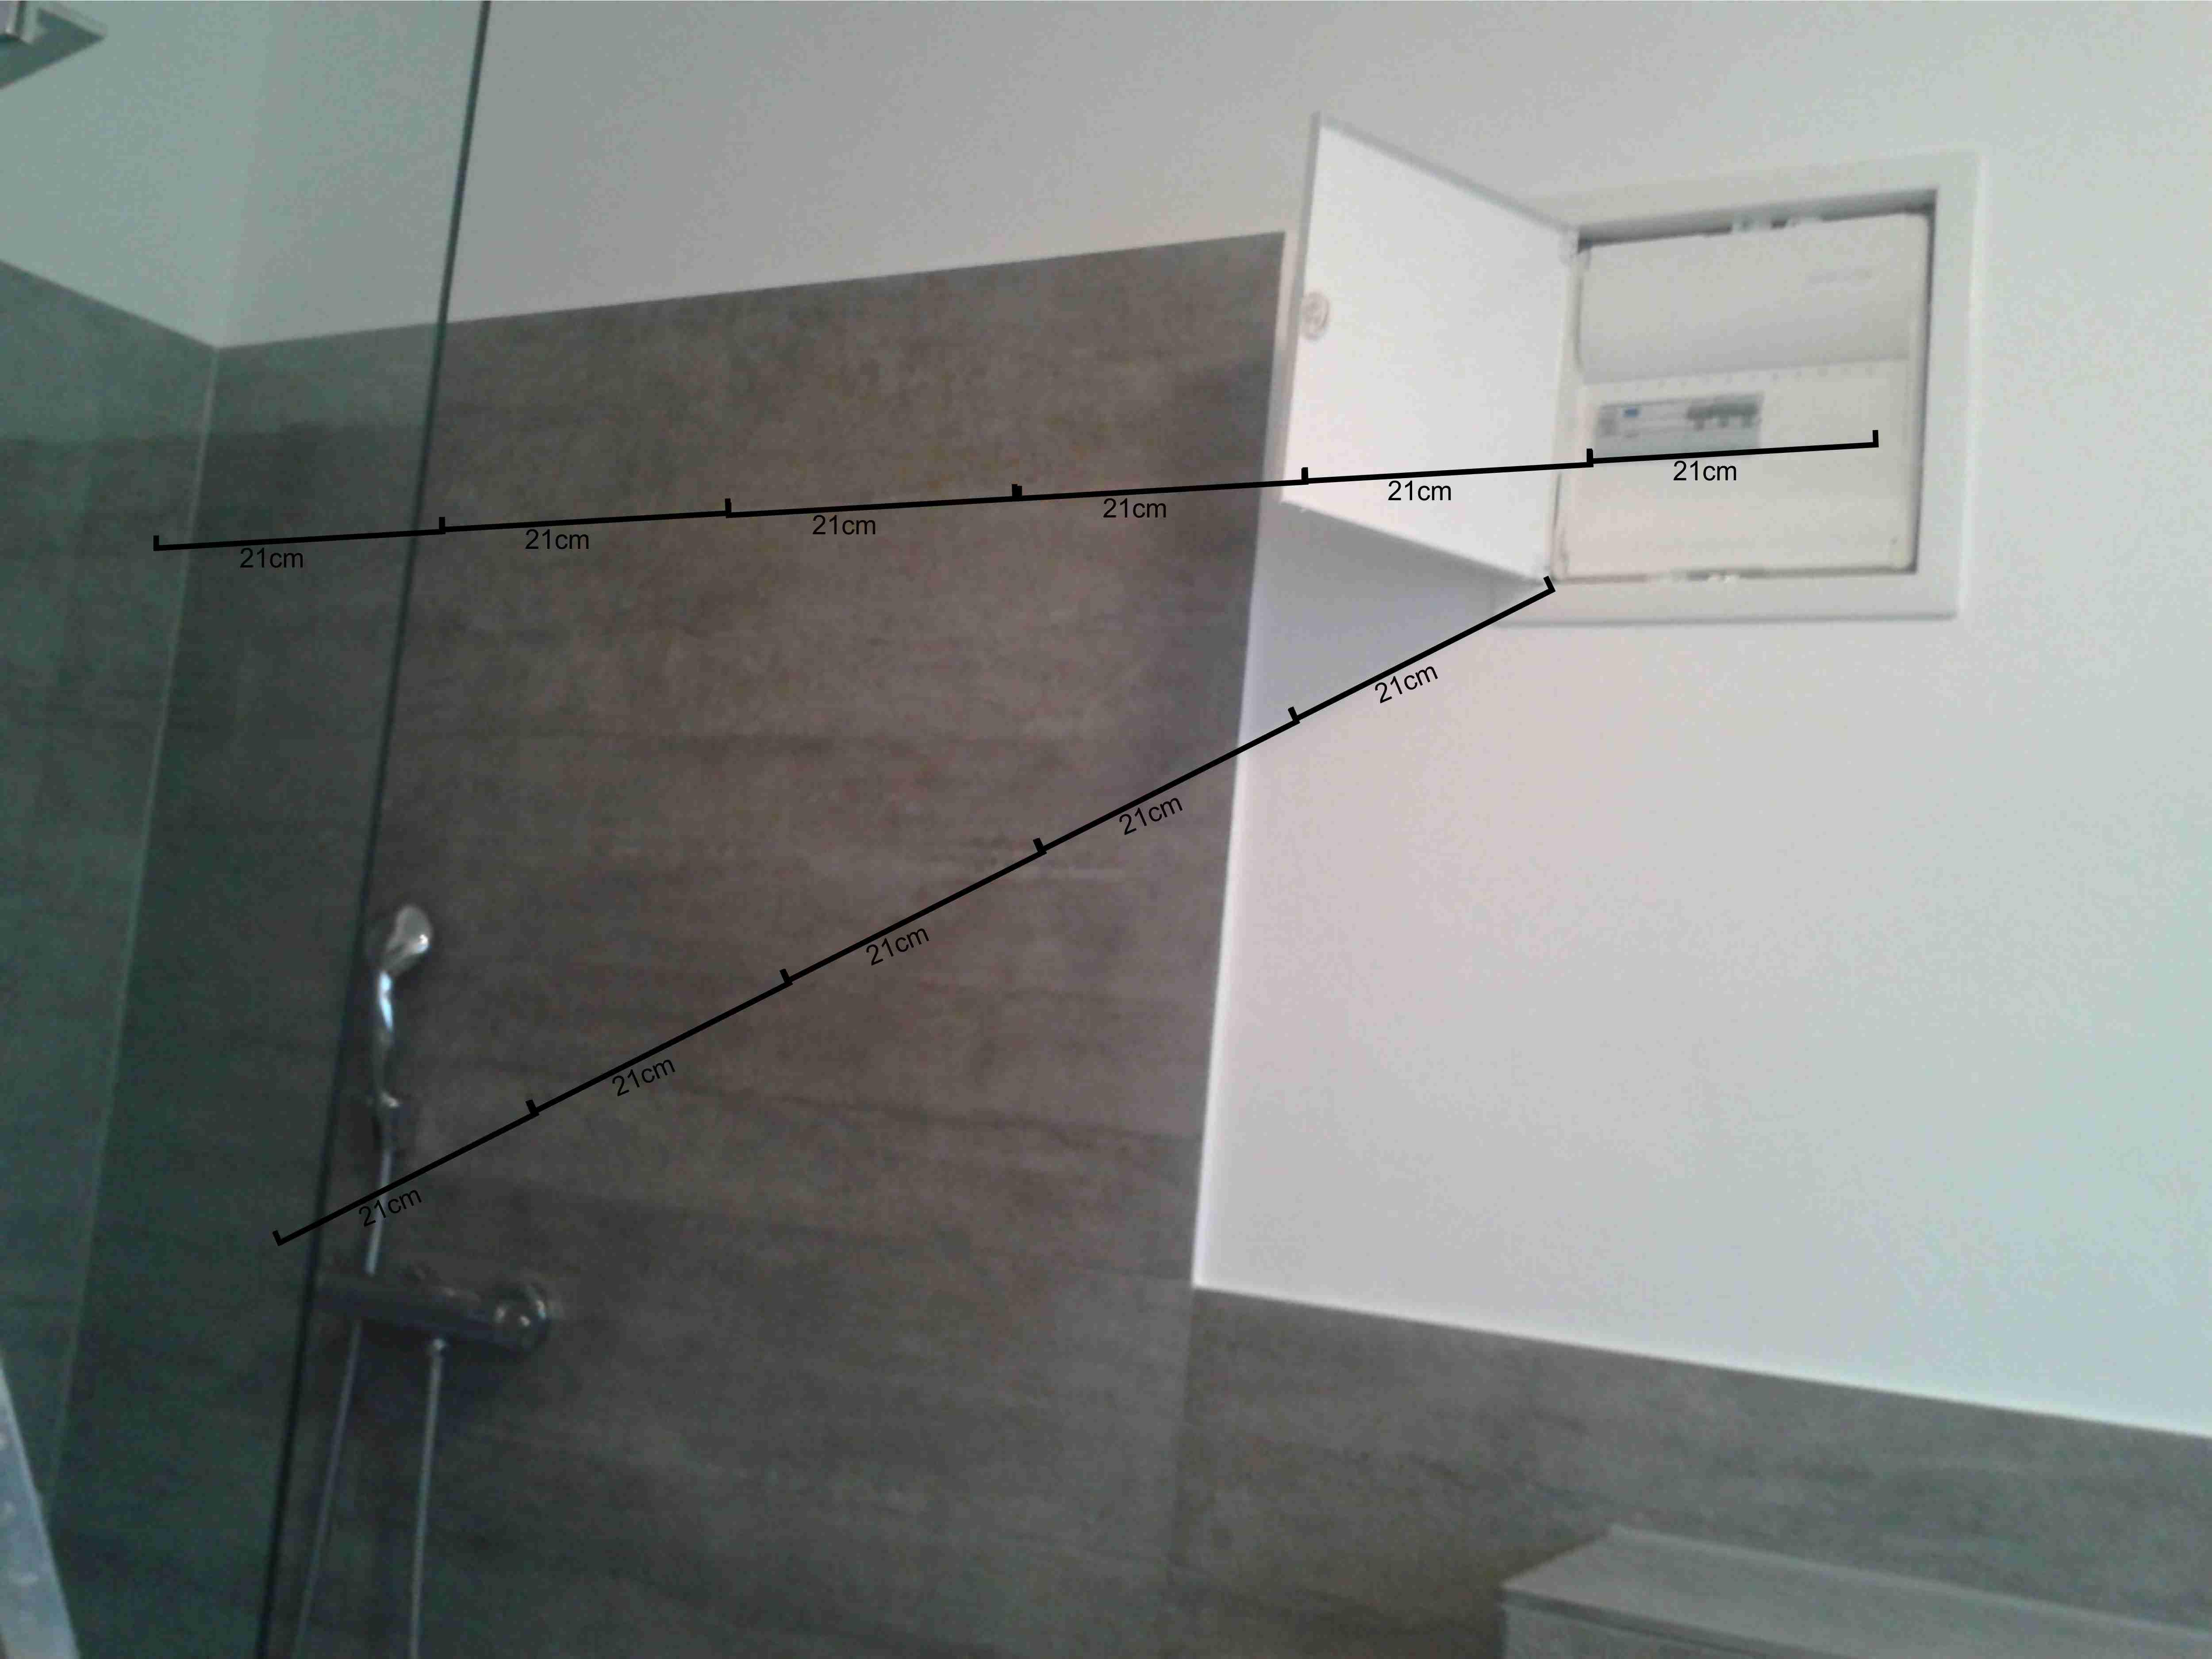 sicherungskasten mit fi-schalter direkt neben der dusche ohne tür, Badezimmer ideen